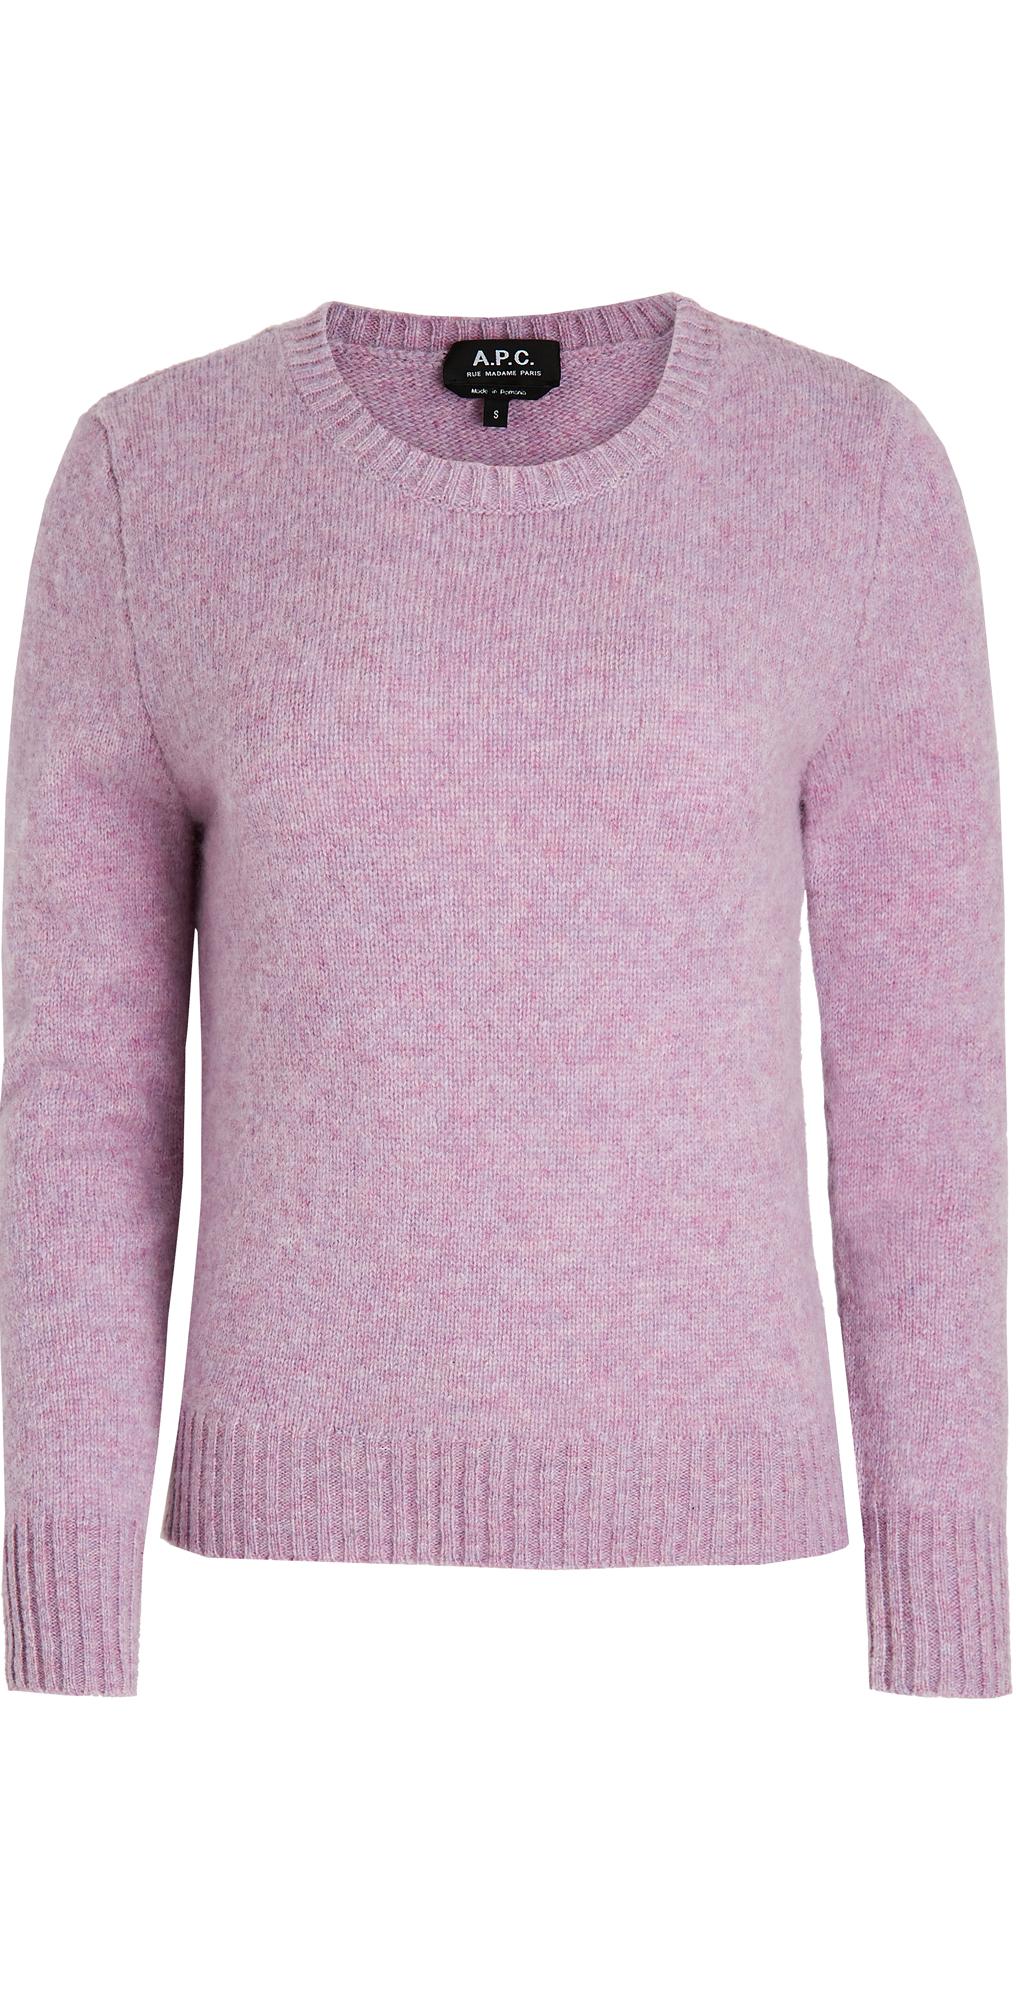 A.P.C. Leonie Sweater